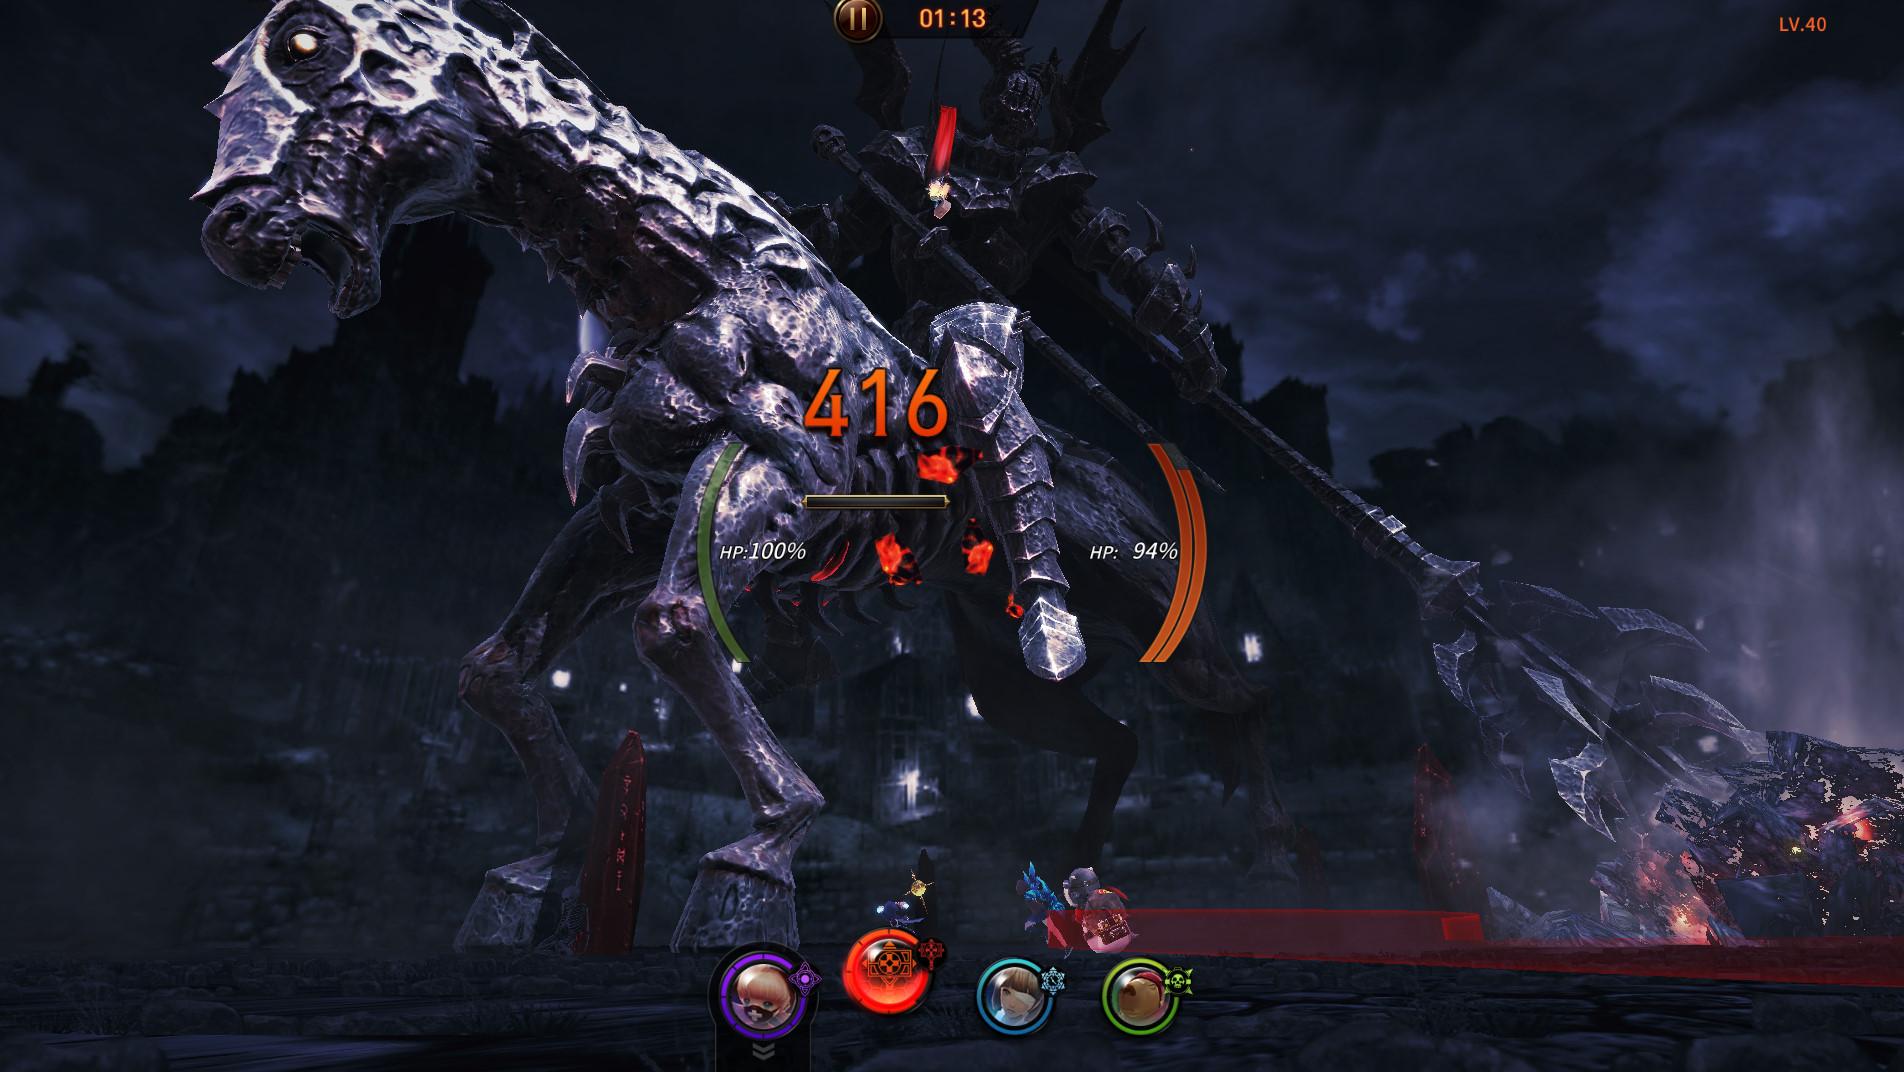 gigant shock cbt 01